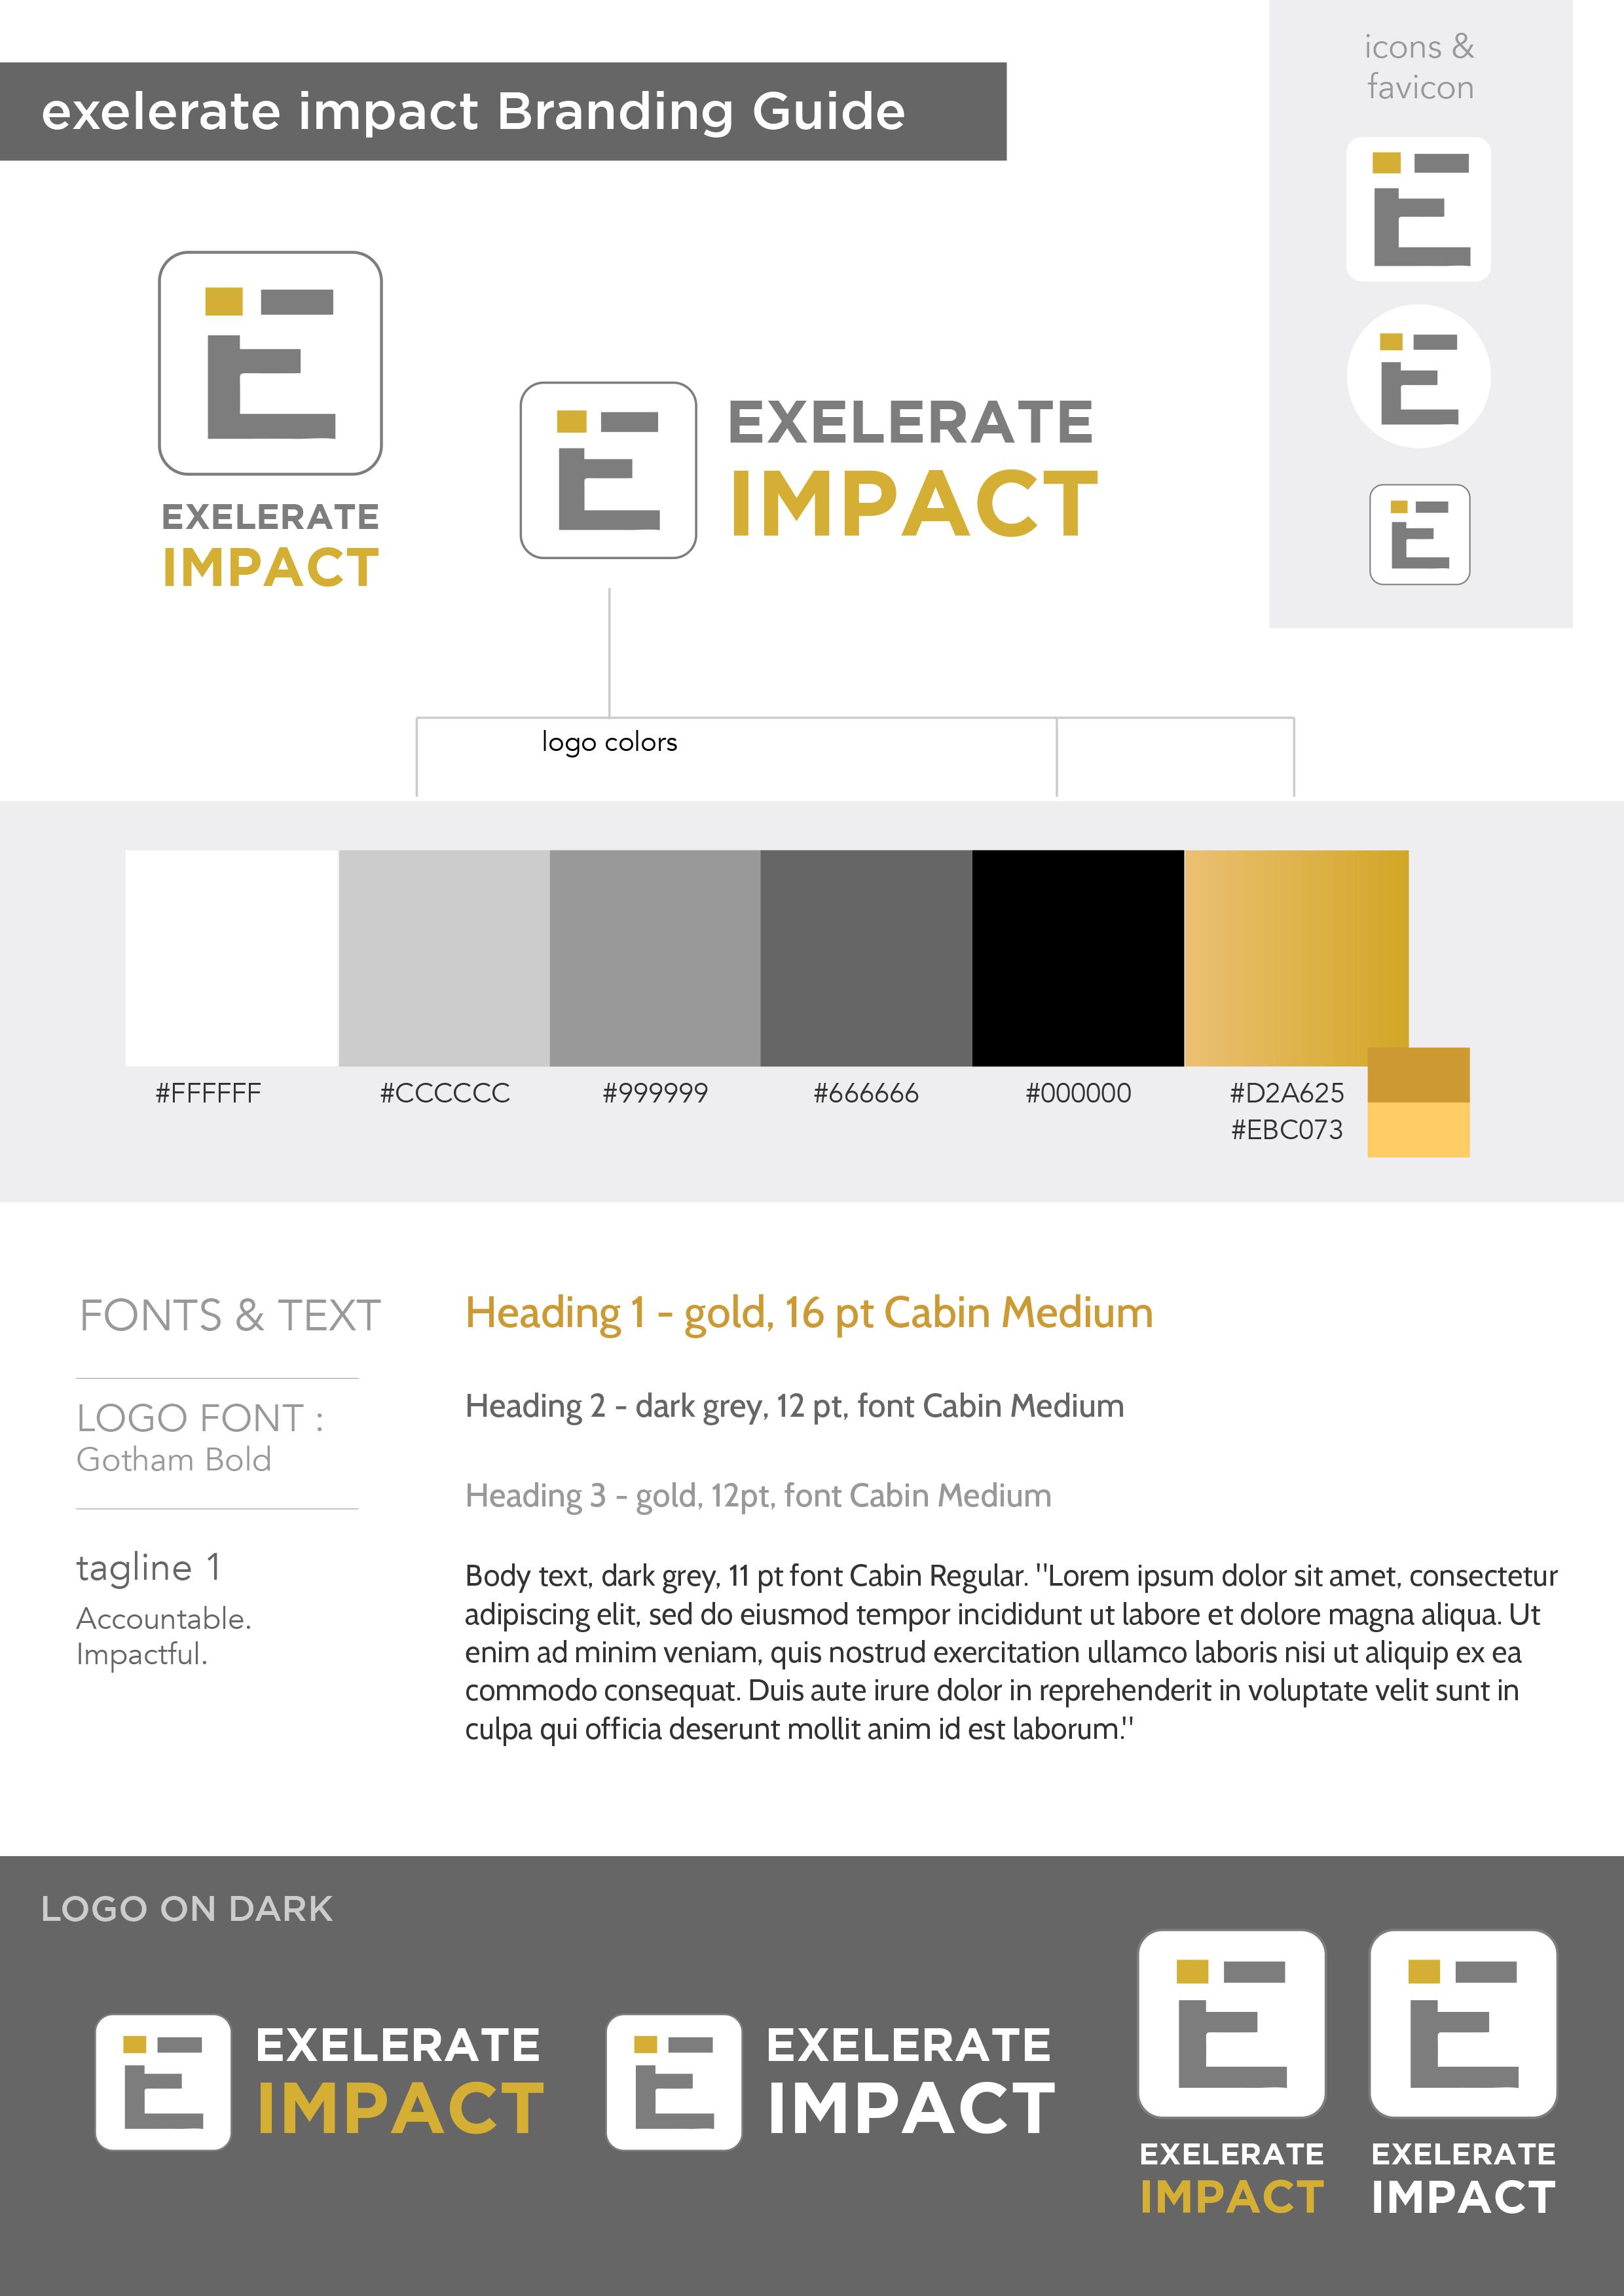 exelerate impact branding guide copy-1